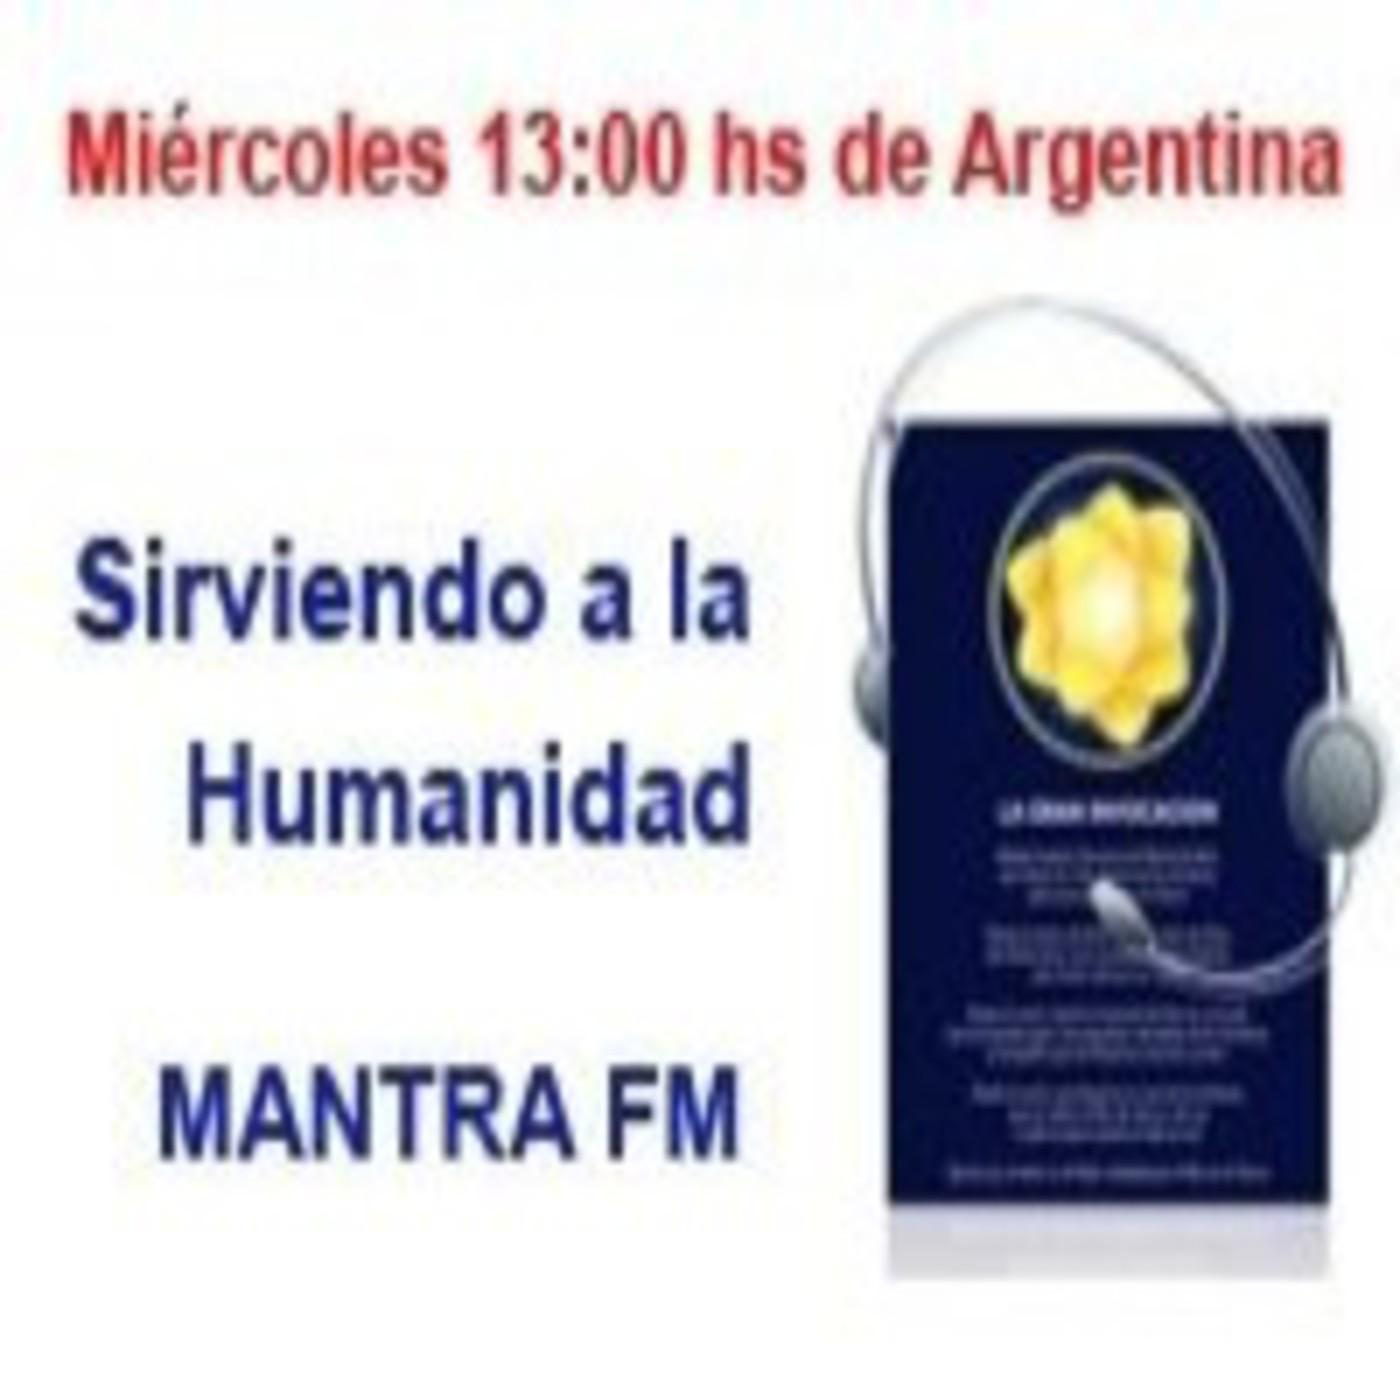 Programa Sirviendo a la Humanidad 08-12-2010